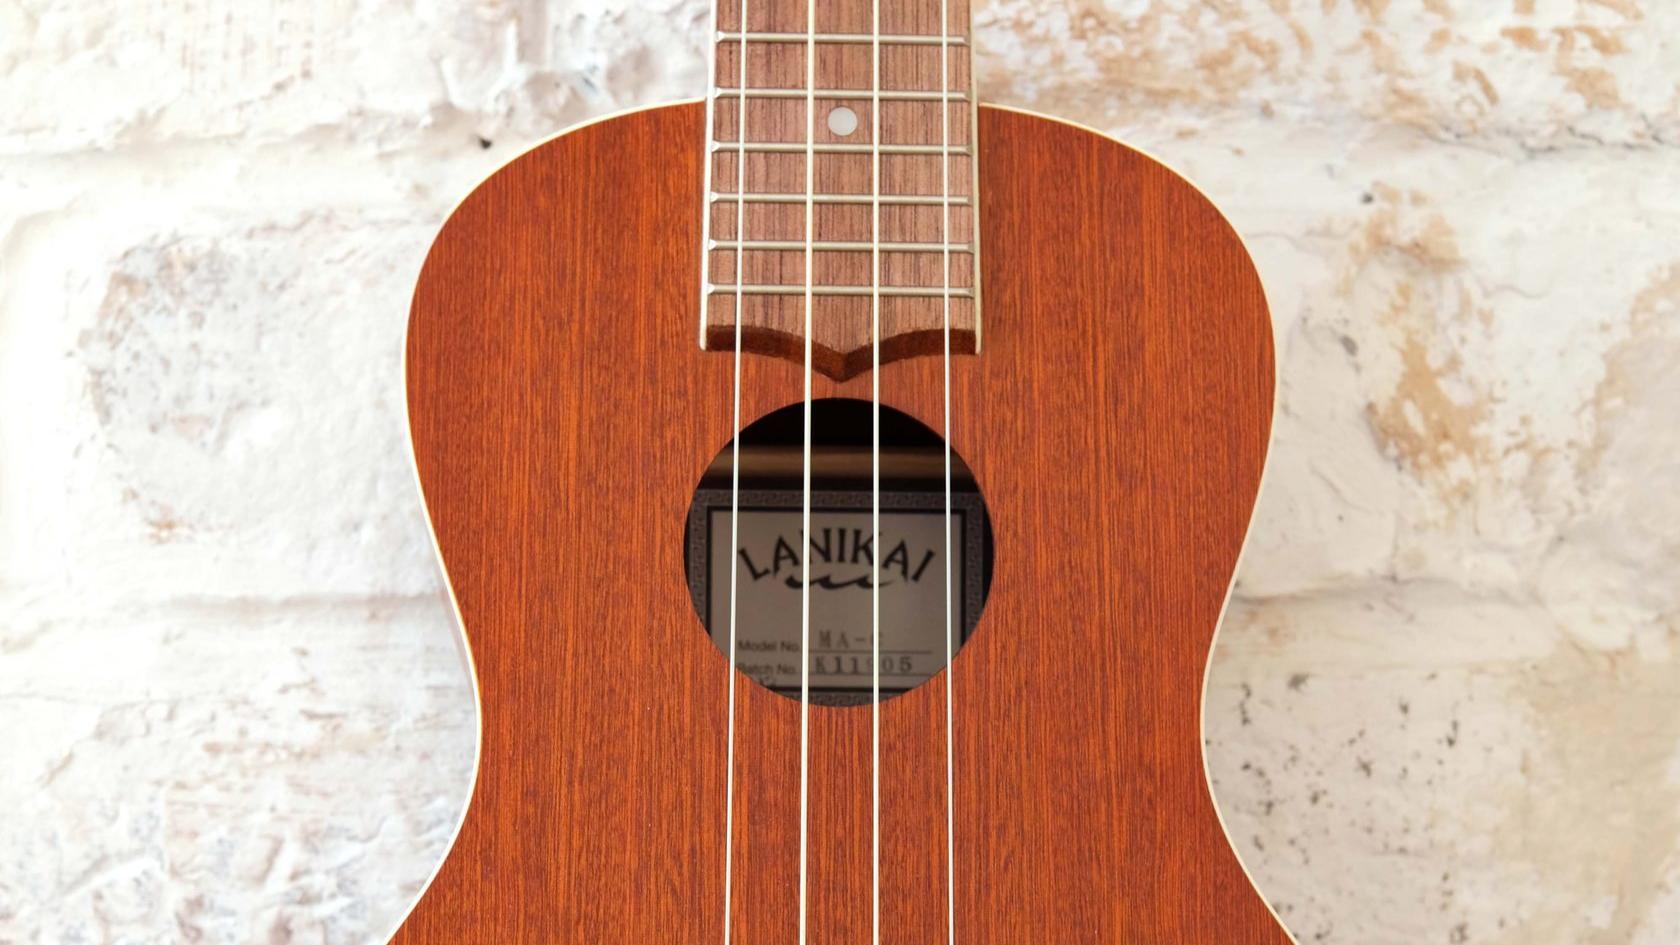 купить укулеле концерт Lanikai MA-C в магазине укулеле ukelovers; ukulele; махагони